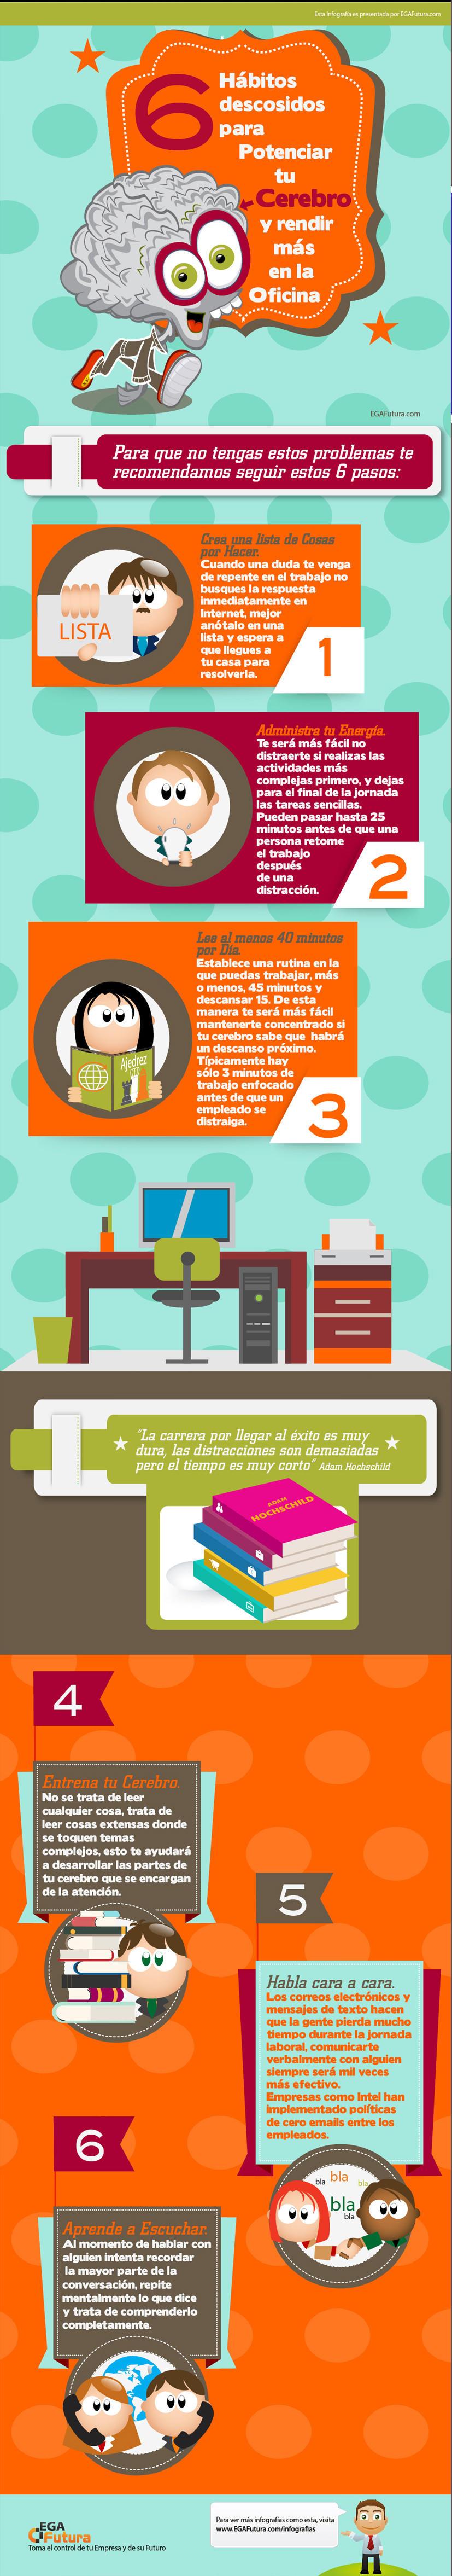 6 hábitos para potenciar tu cerebro y rendir más